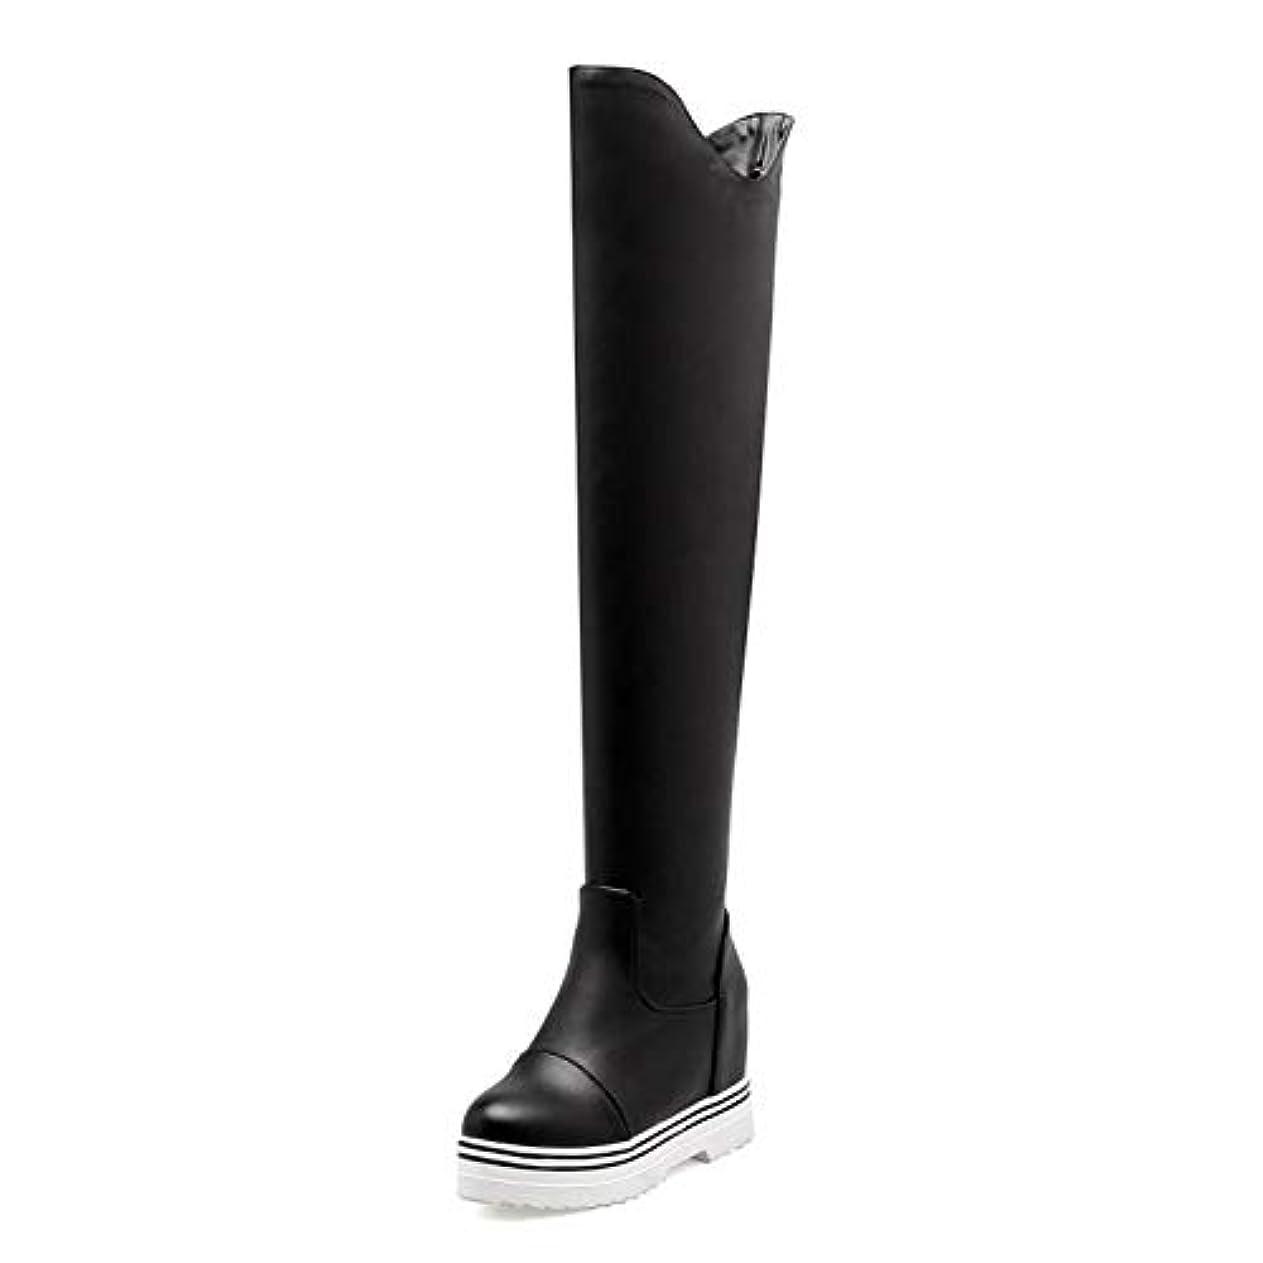 好意リテラシーメニュー女性の靴、秋冬の騎士のブーツ、甘いファッションのブーツ、女性ナイトクラブパーティーのための膝のブーツのシンプルなソリッドカラー (色 : ブラック, サイズ : 41)